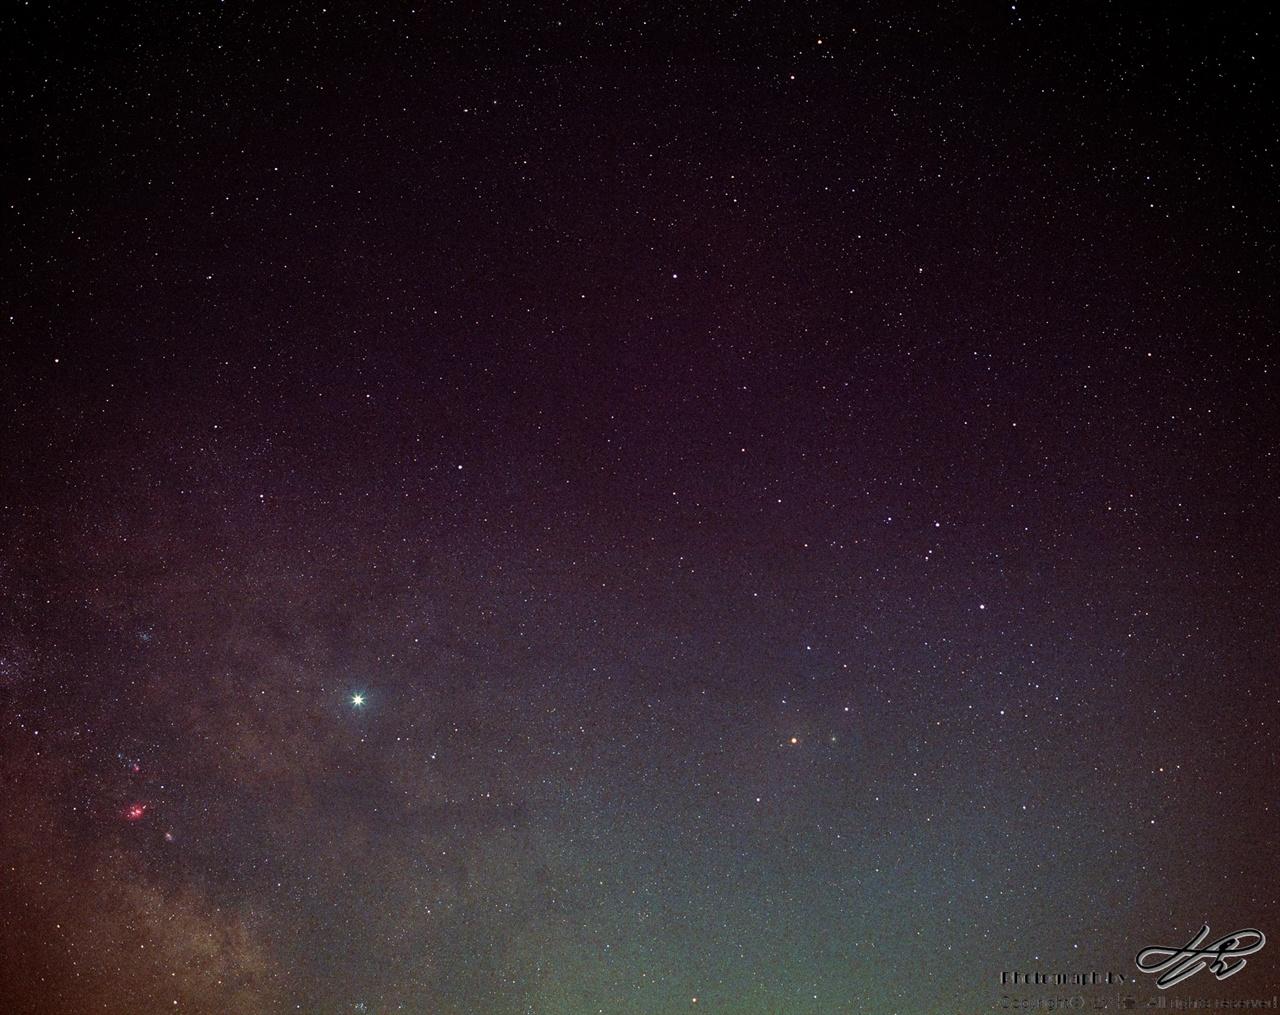 은하수, 목성, 전갈자리 (Portra800/F4/노출 20분)왼쪽 아래의 붉은 부분은 궁수자리 부근의 성운이다. 파랗게 빛나는 것은 별이 아니라 목성이다. 오른편으로는 전갈자리.